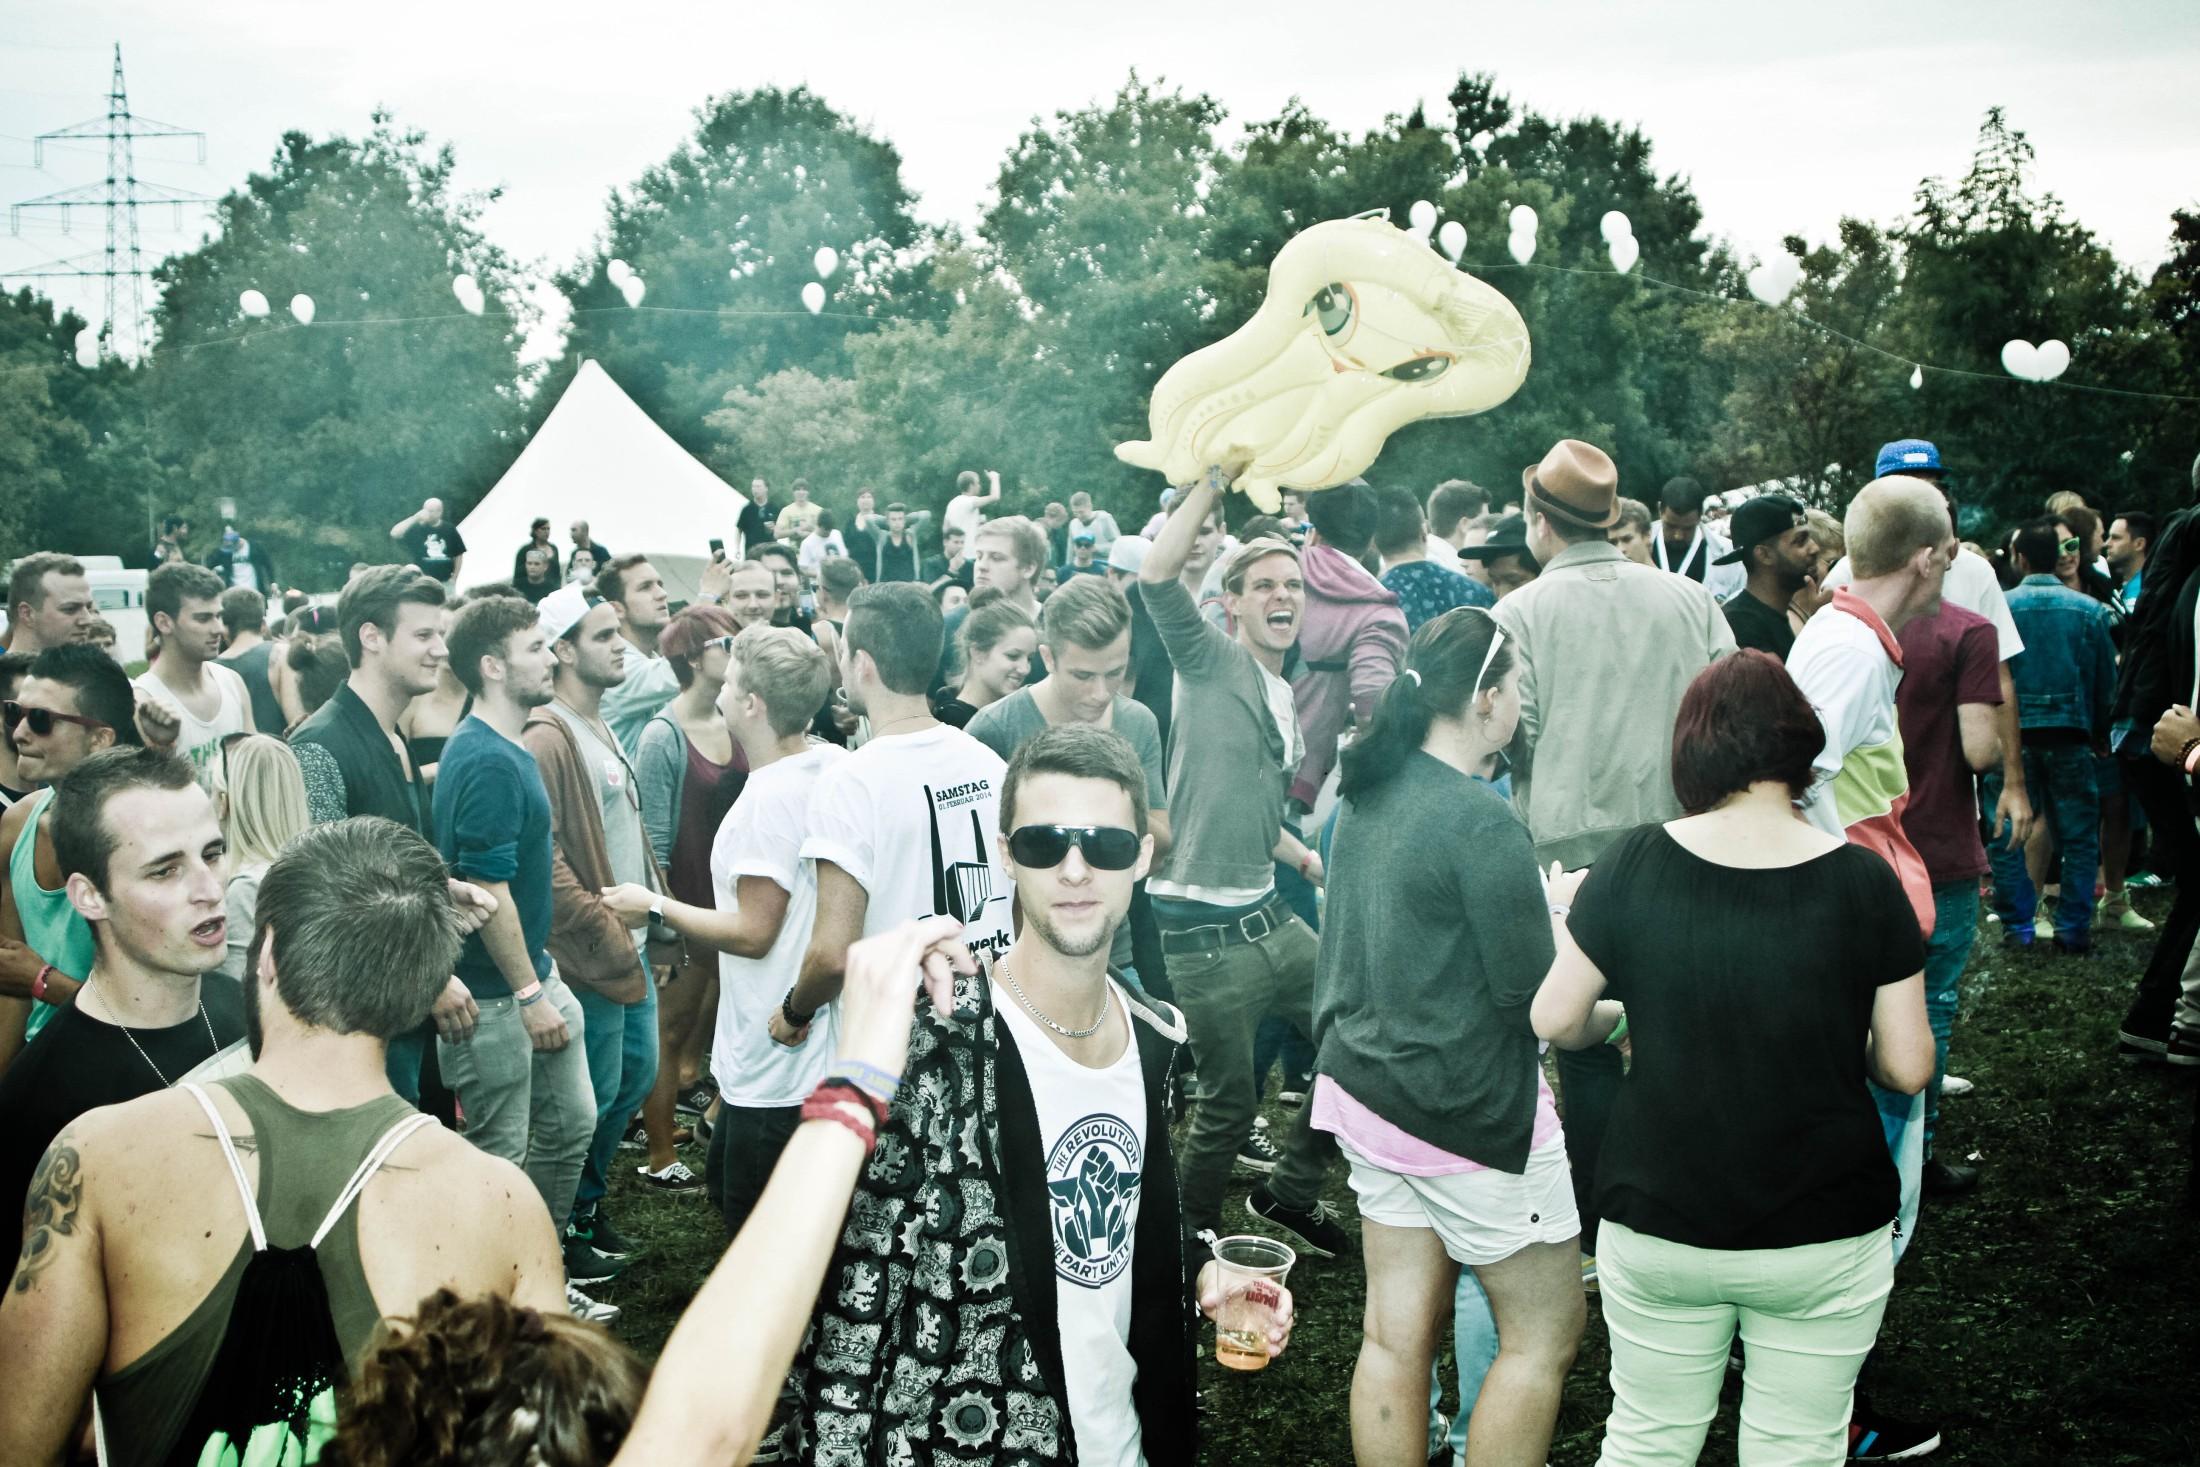 Bilder vom Day & Night Festival in Sindelfingen